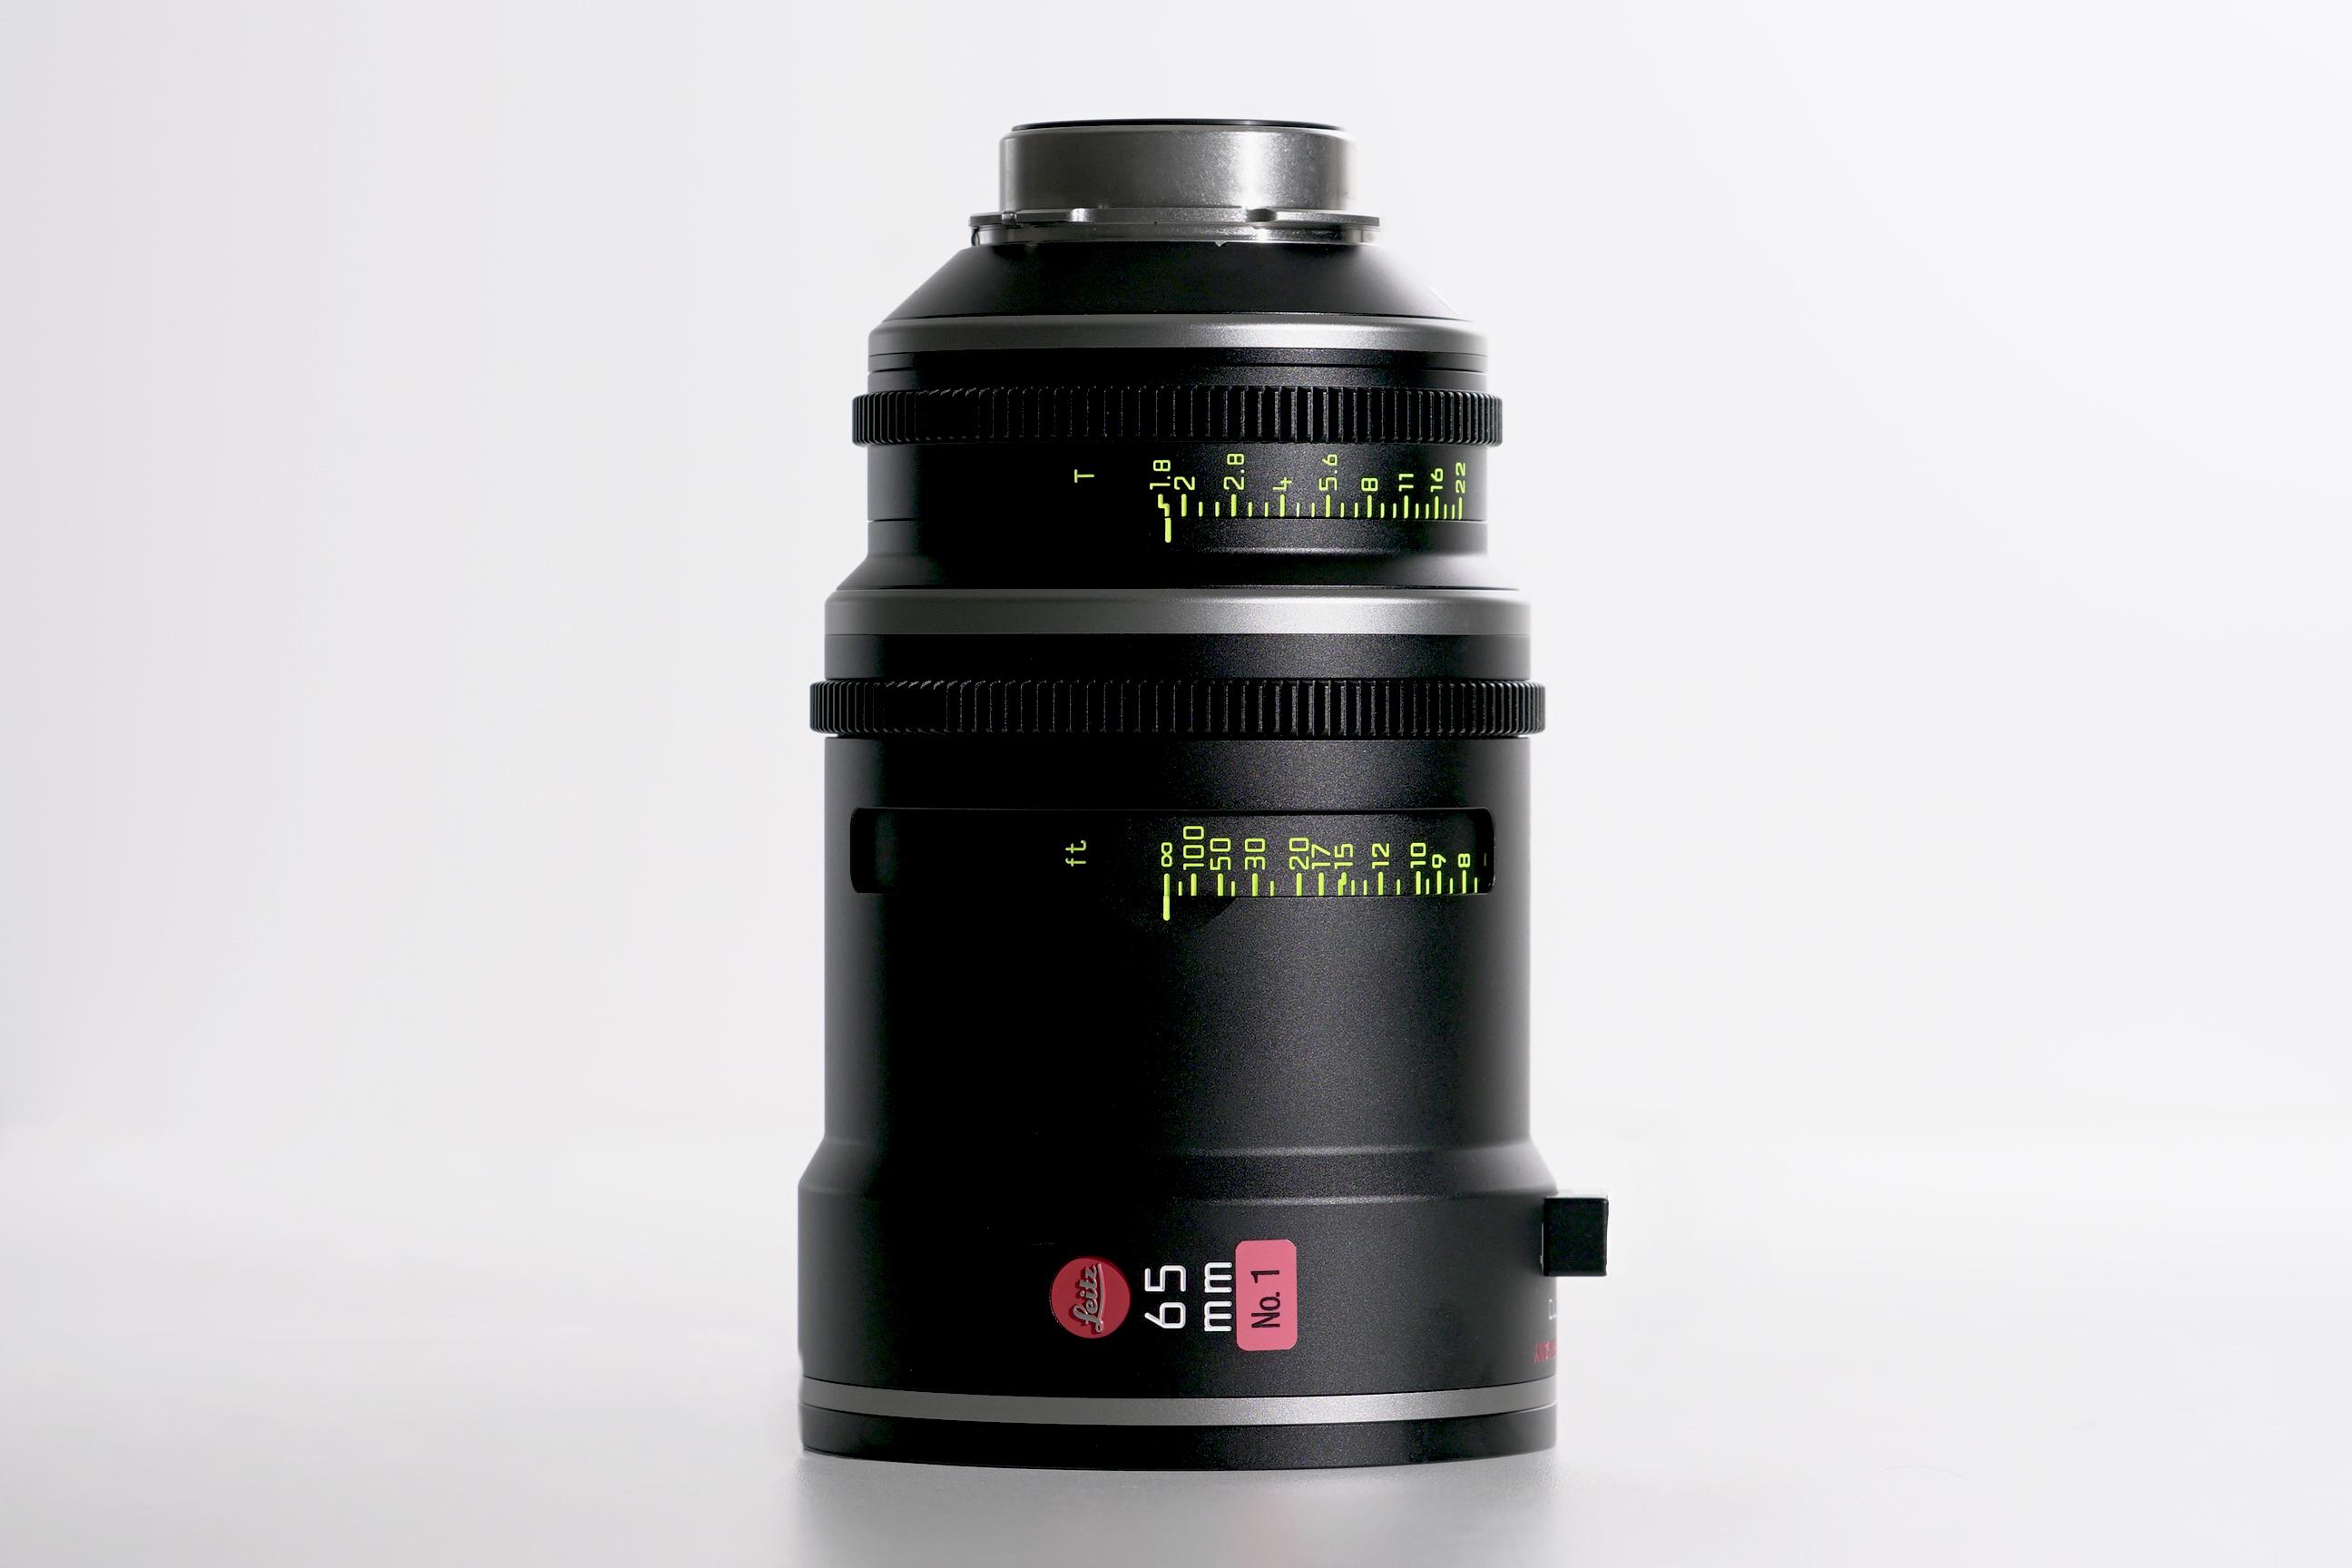 Leitz Prime 65mm T1.8